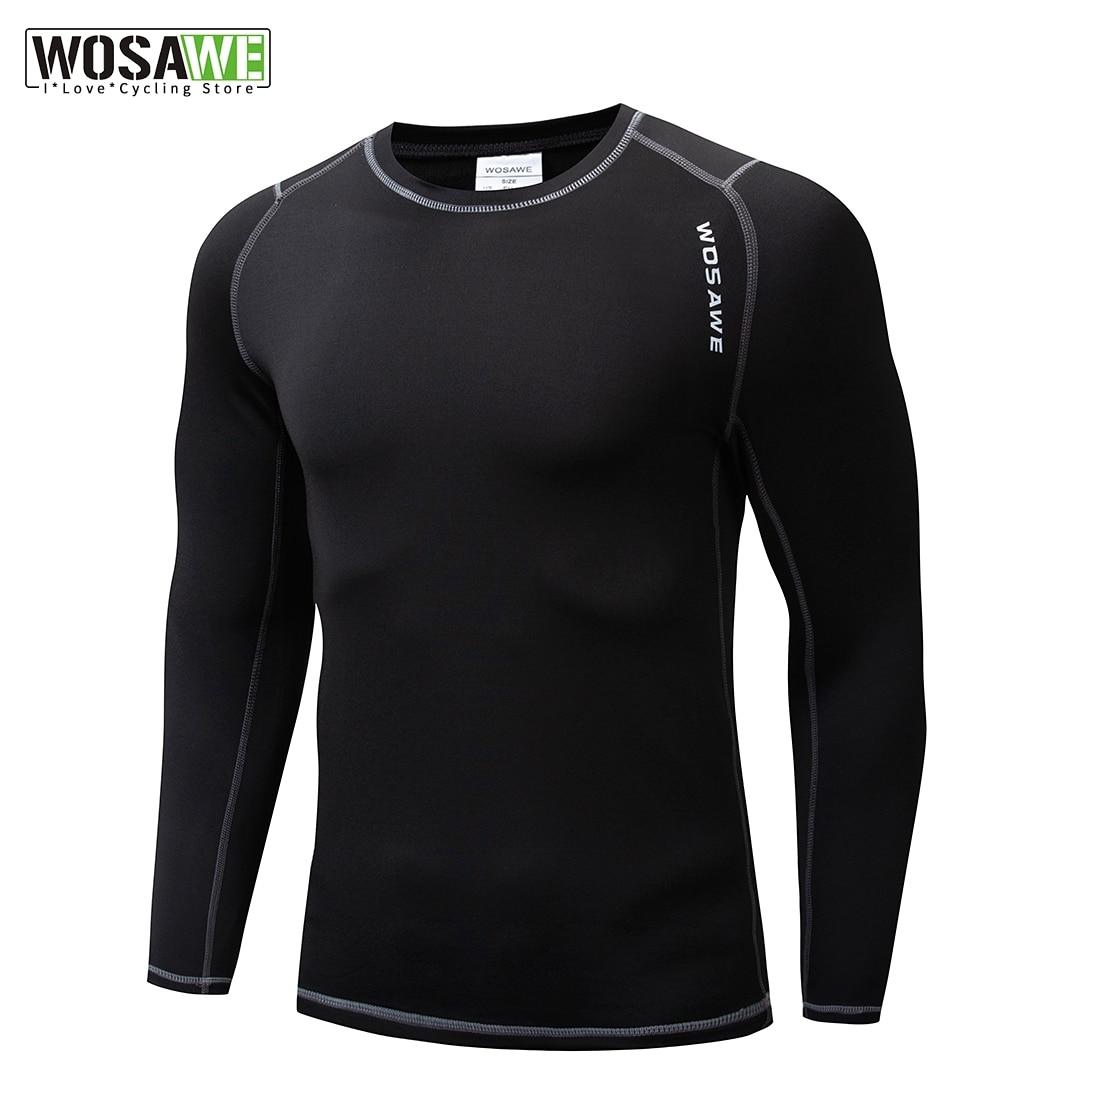 WOSAWE erkek kadın bisiklet baz katmanlar vücut geliştirme Fitness uzun kollu sıkı termal gömlek sürme spor iç çamaşırı Jersey